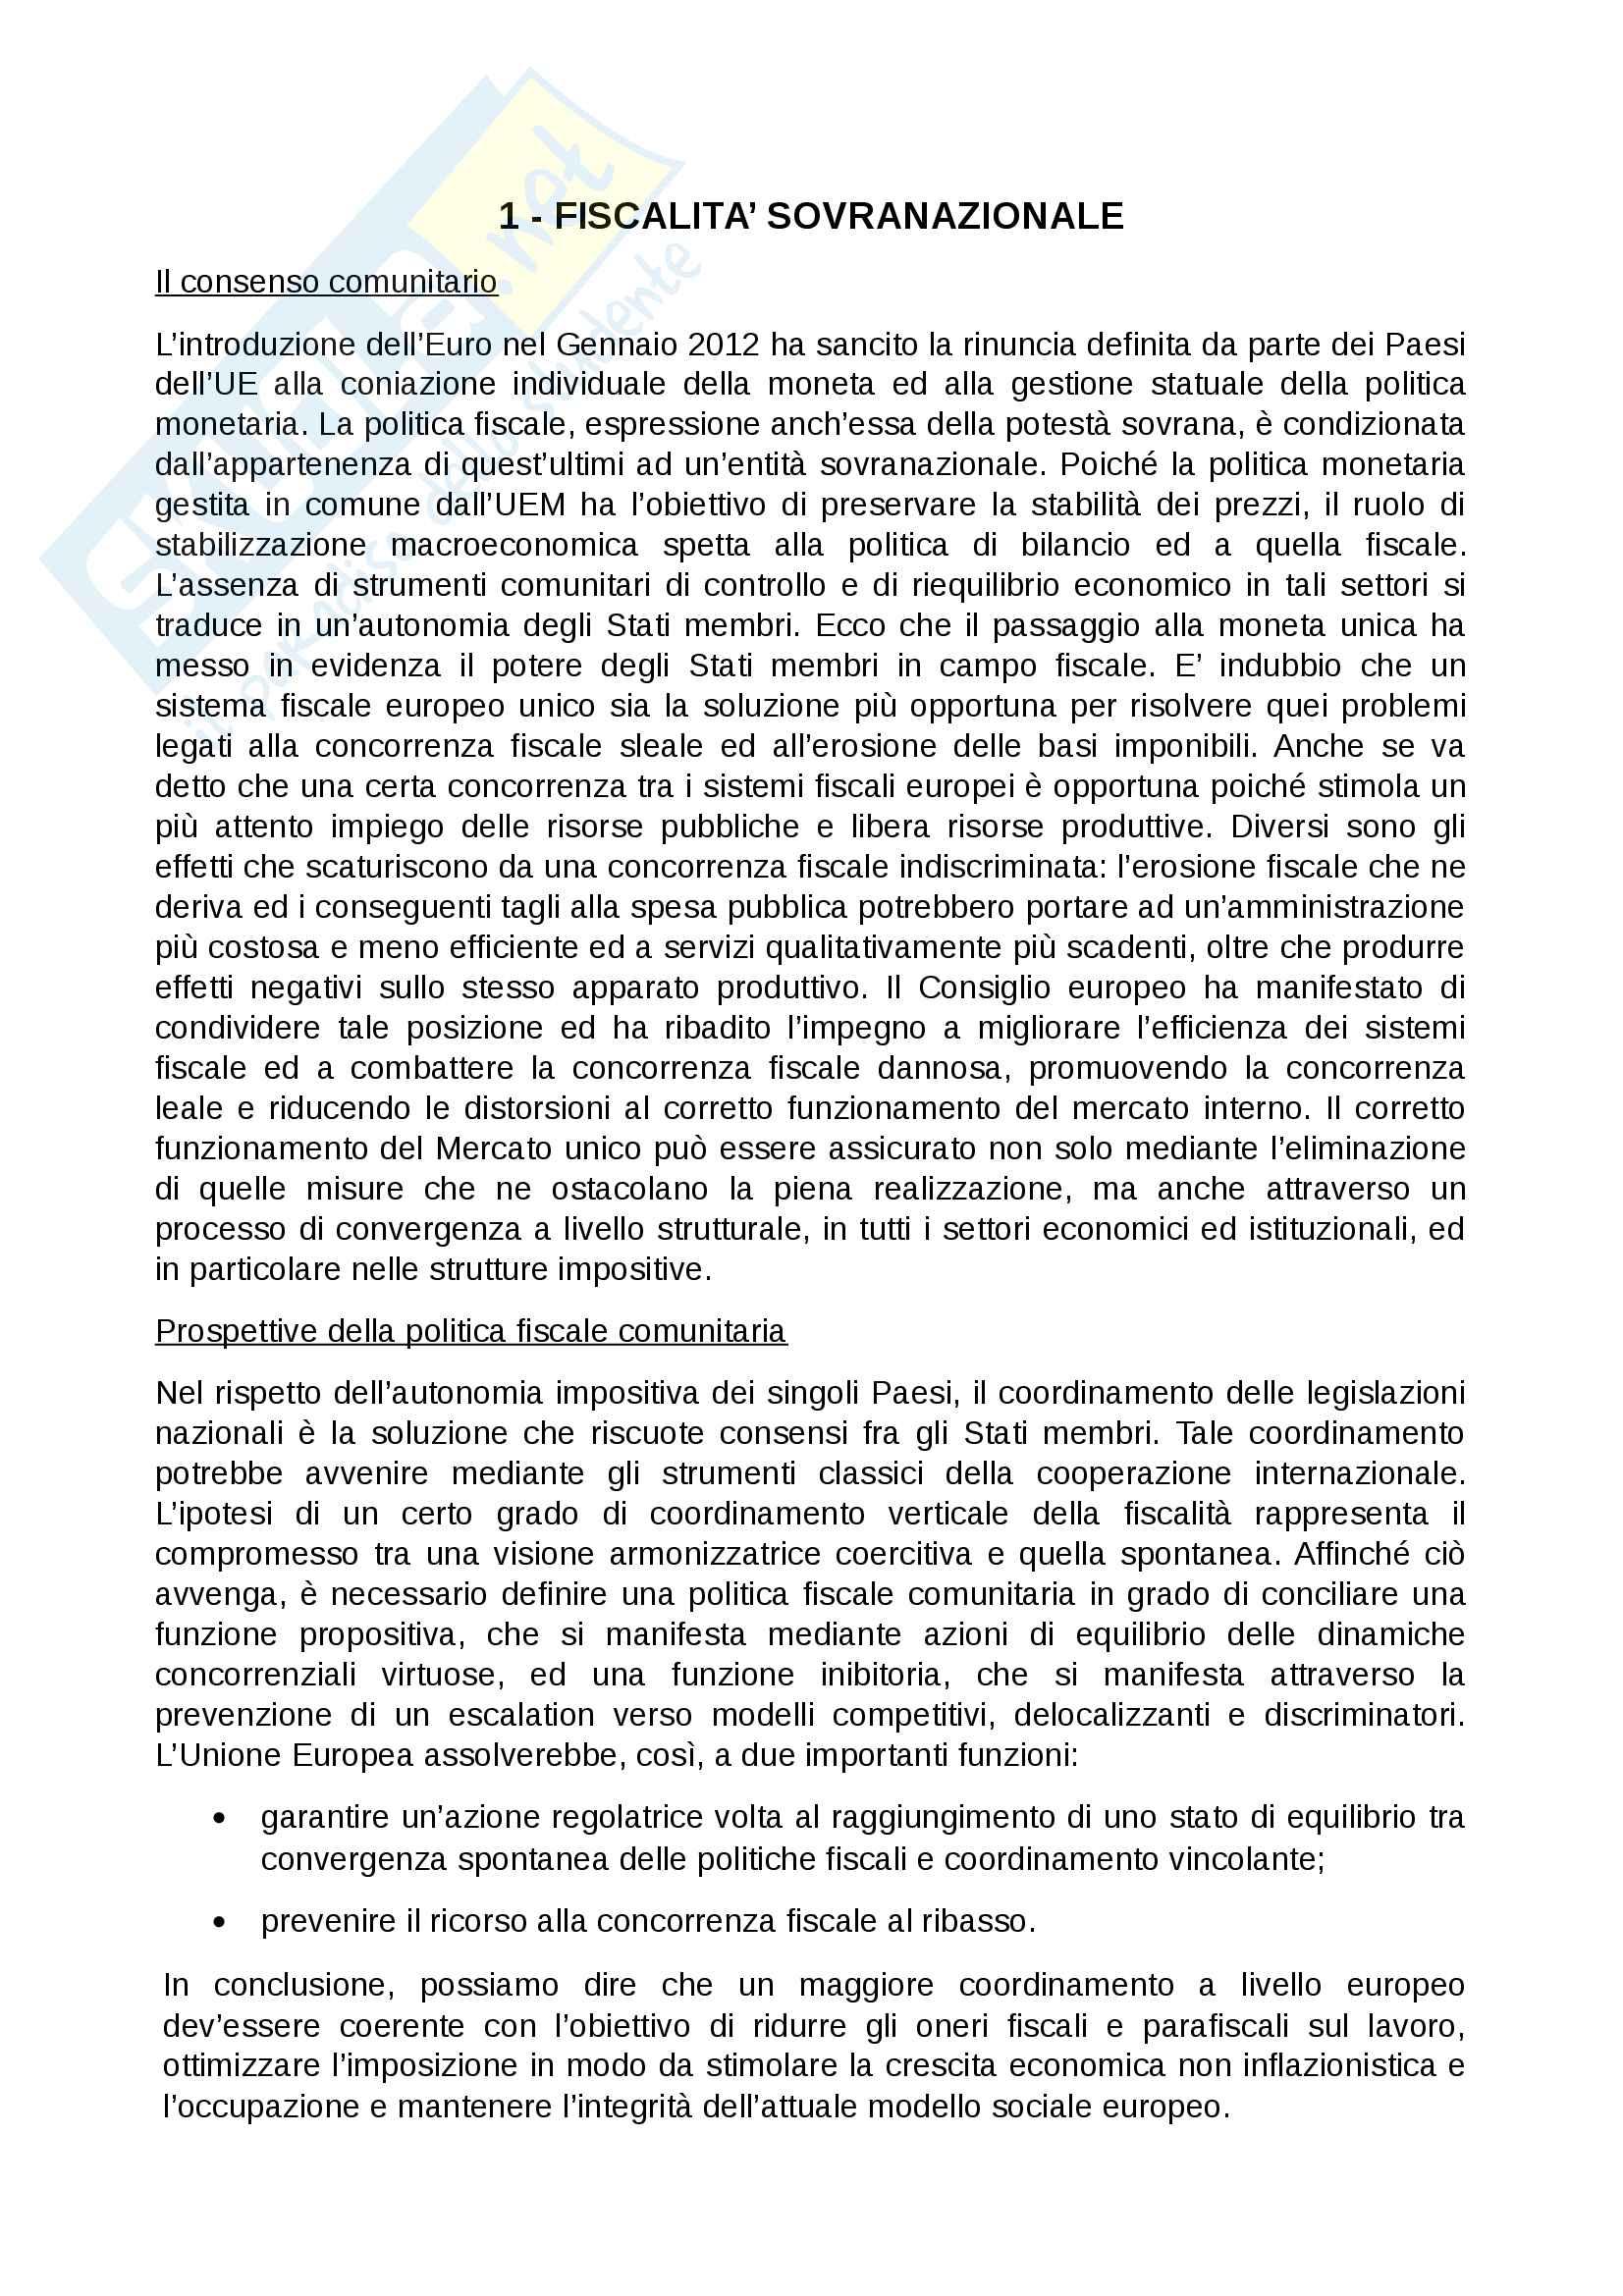 Riassunto esame Politiche fiscali dell'UE, prof. Valente, libro consigliato Fiscalità sovranazionale di Piergiorgio Valente